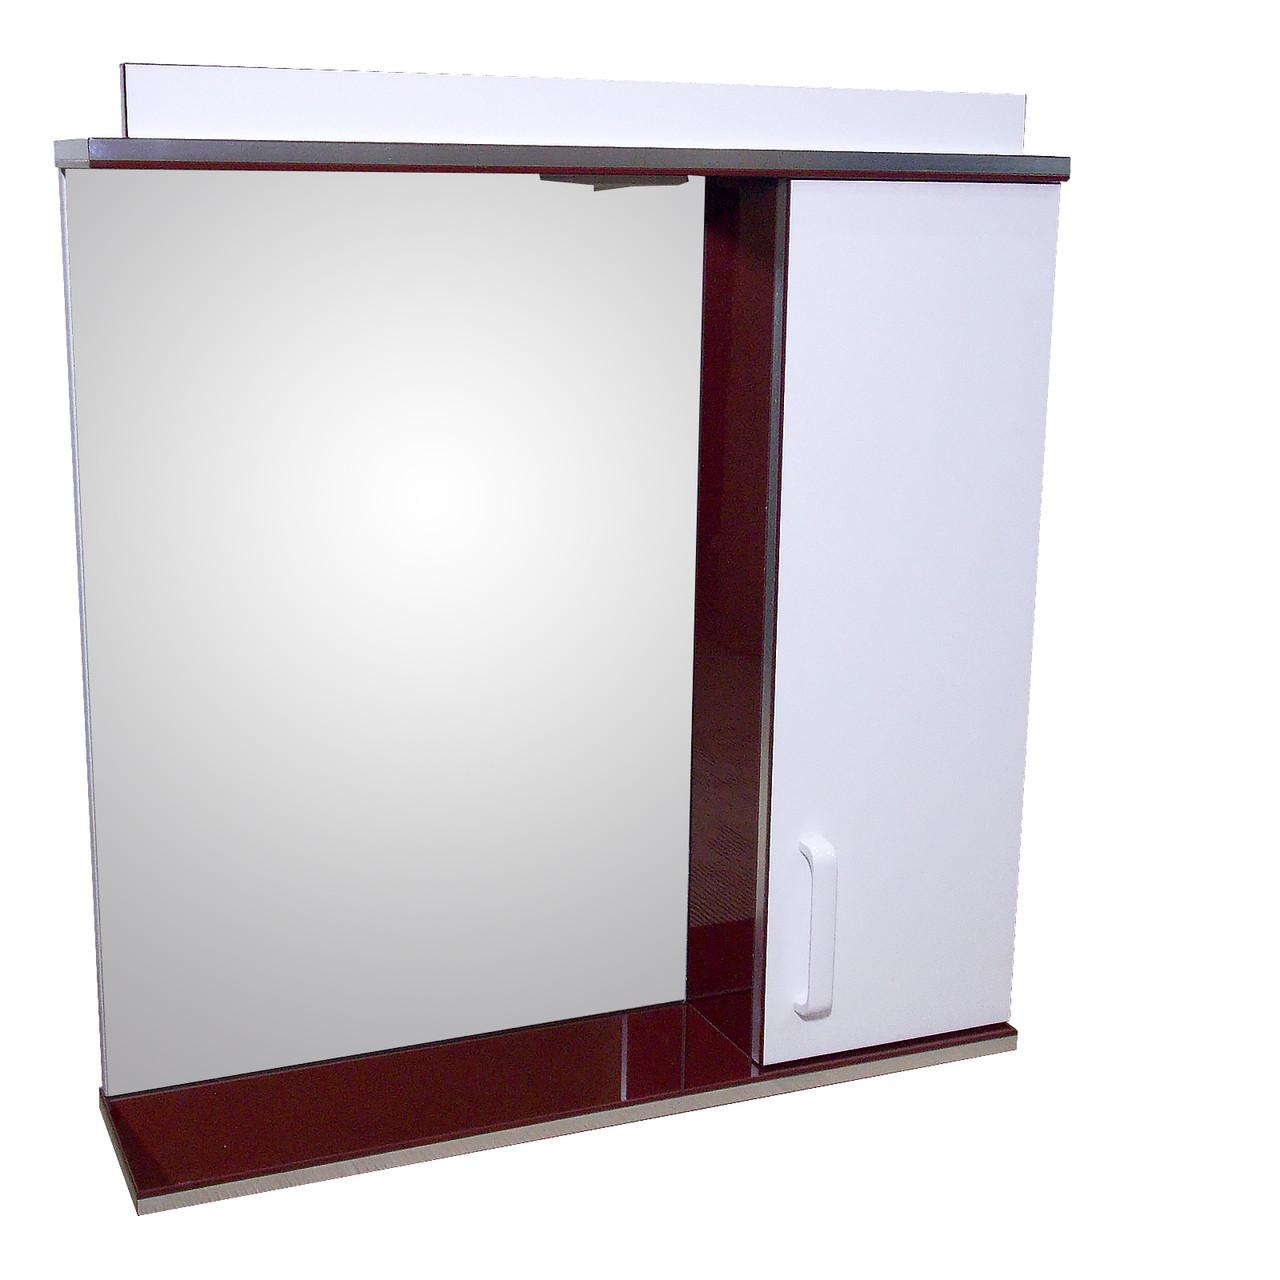 Зеркало 70 для ванной комнаты с подсветкой и шкафчиком Дебют Перфект  бордо